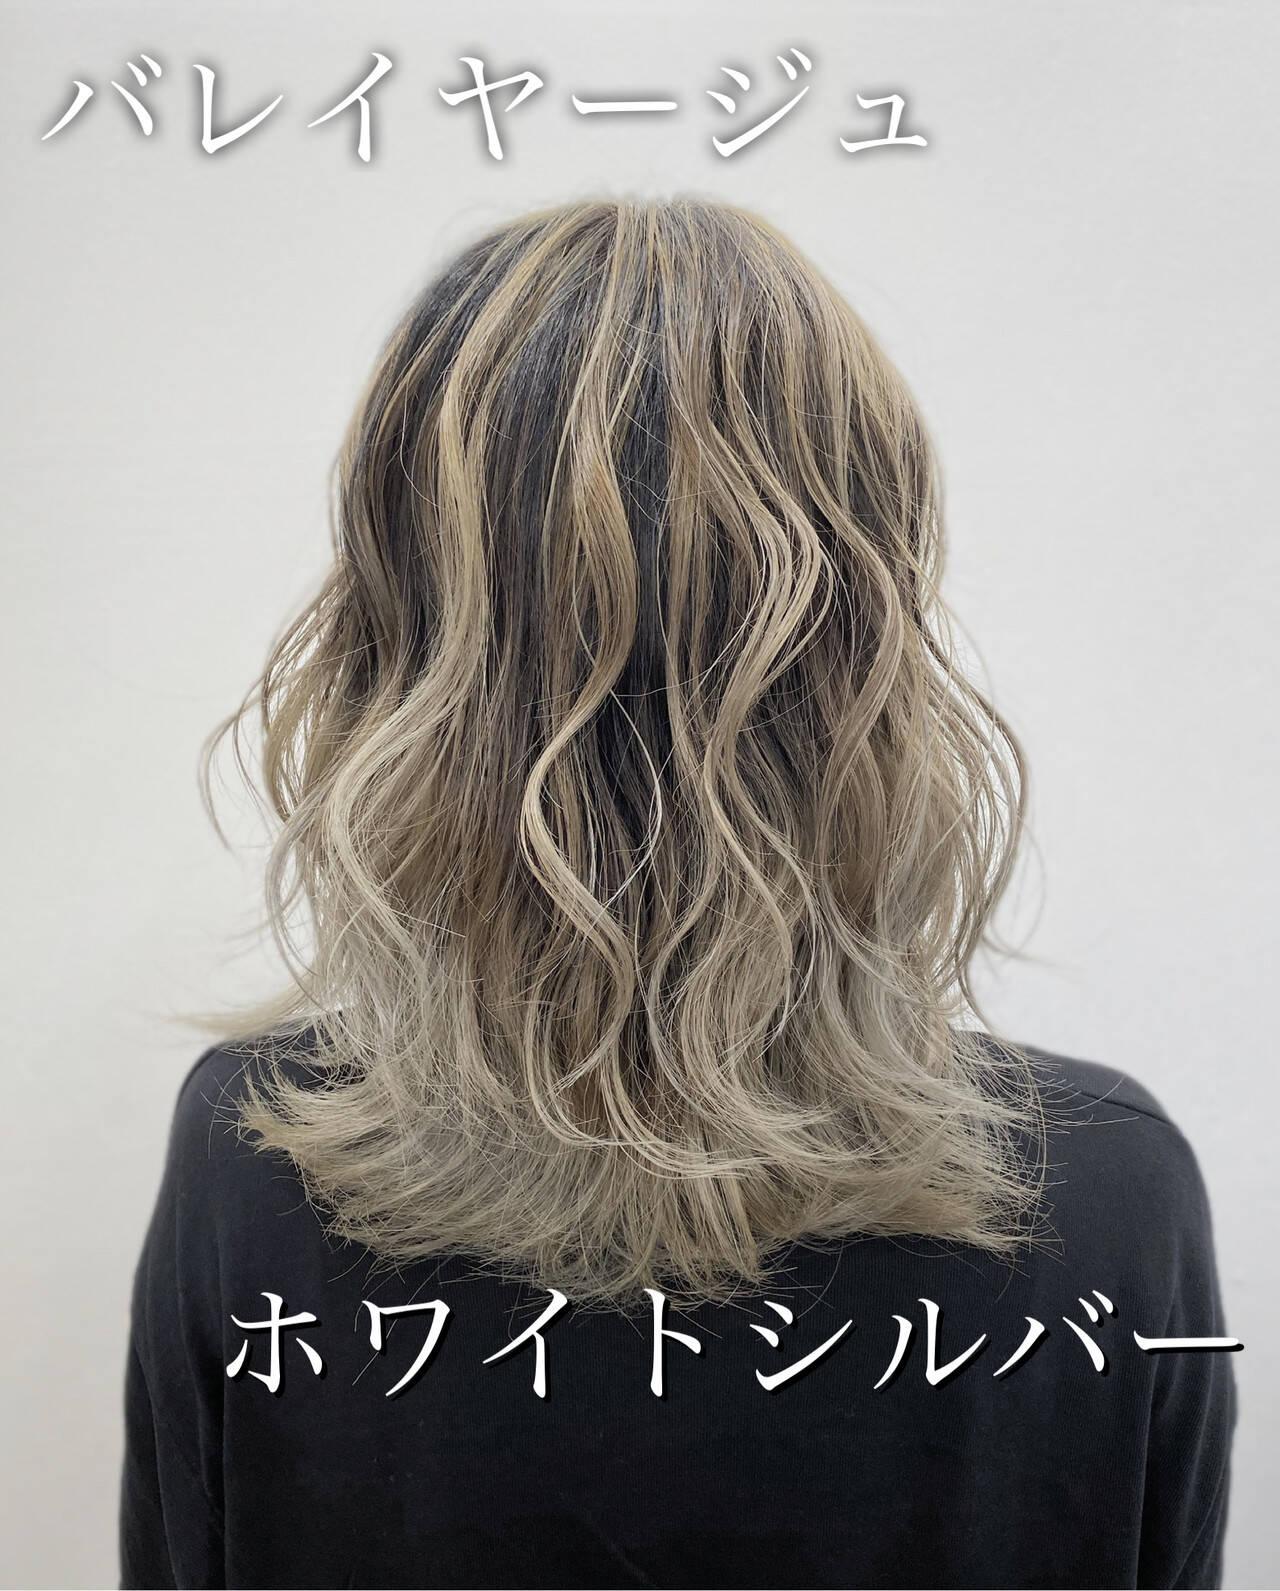 トレンド セミロング バレイヤージュ ホワイトカラーヘアスタイルや髪型の写真・画像